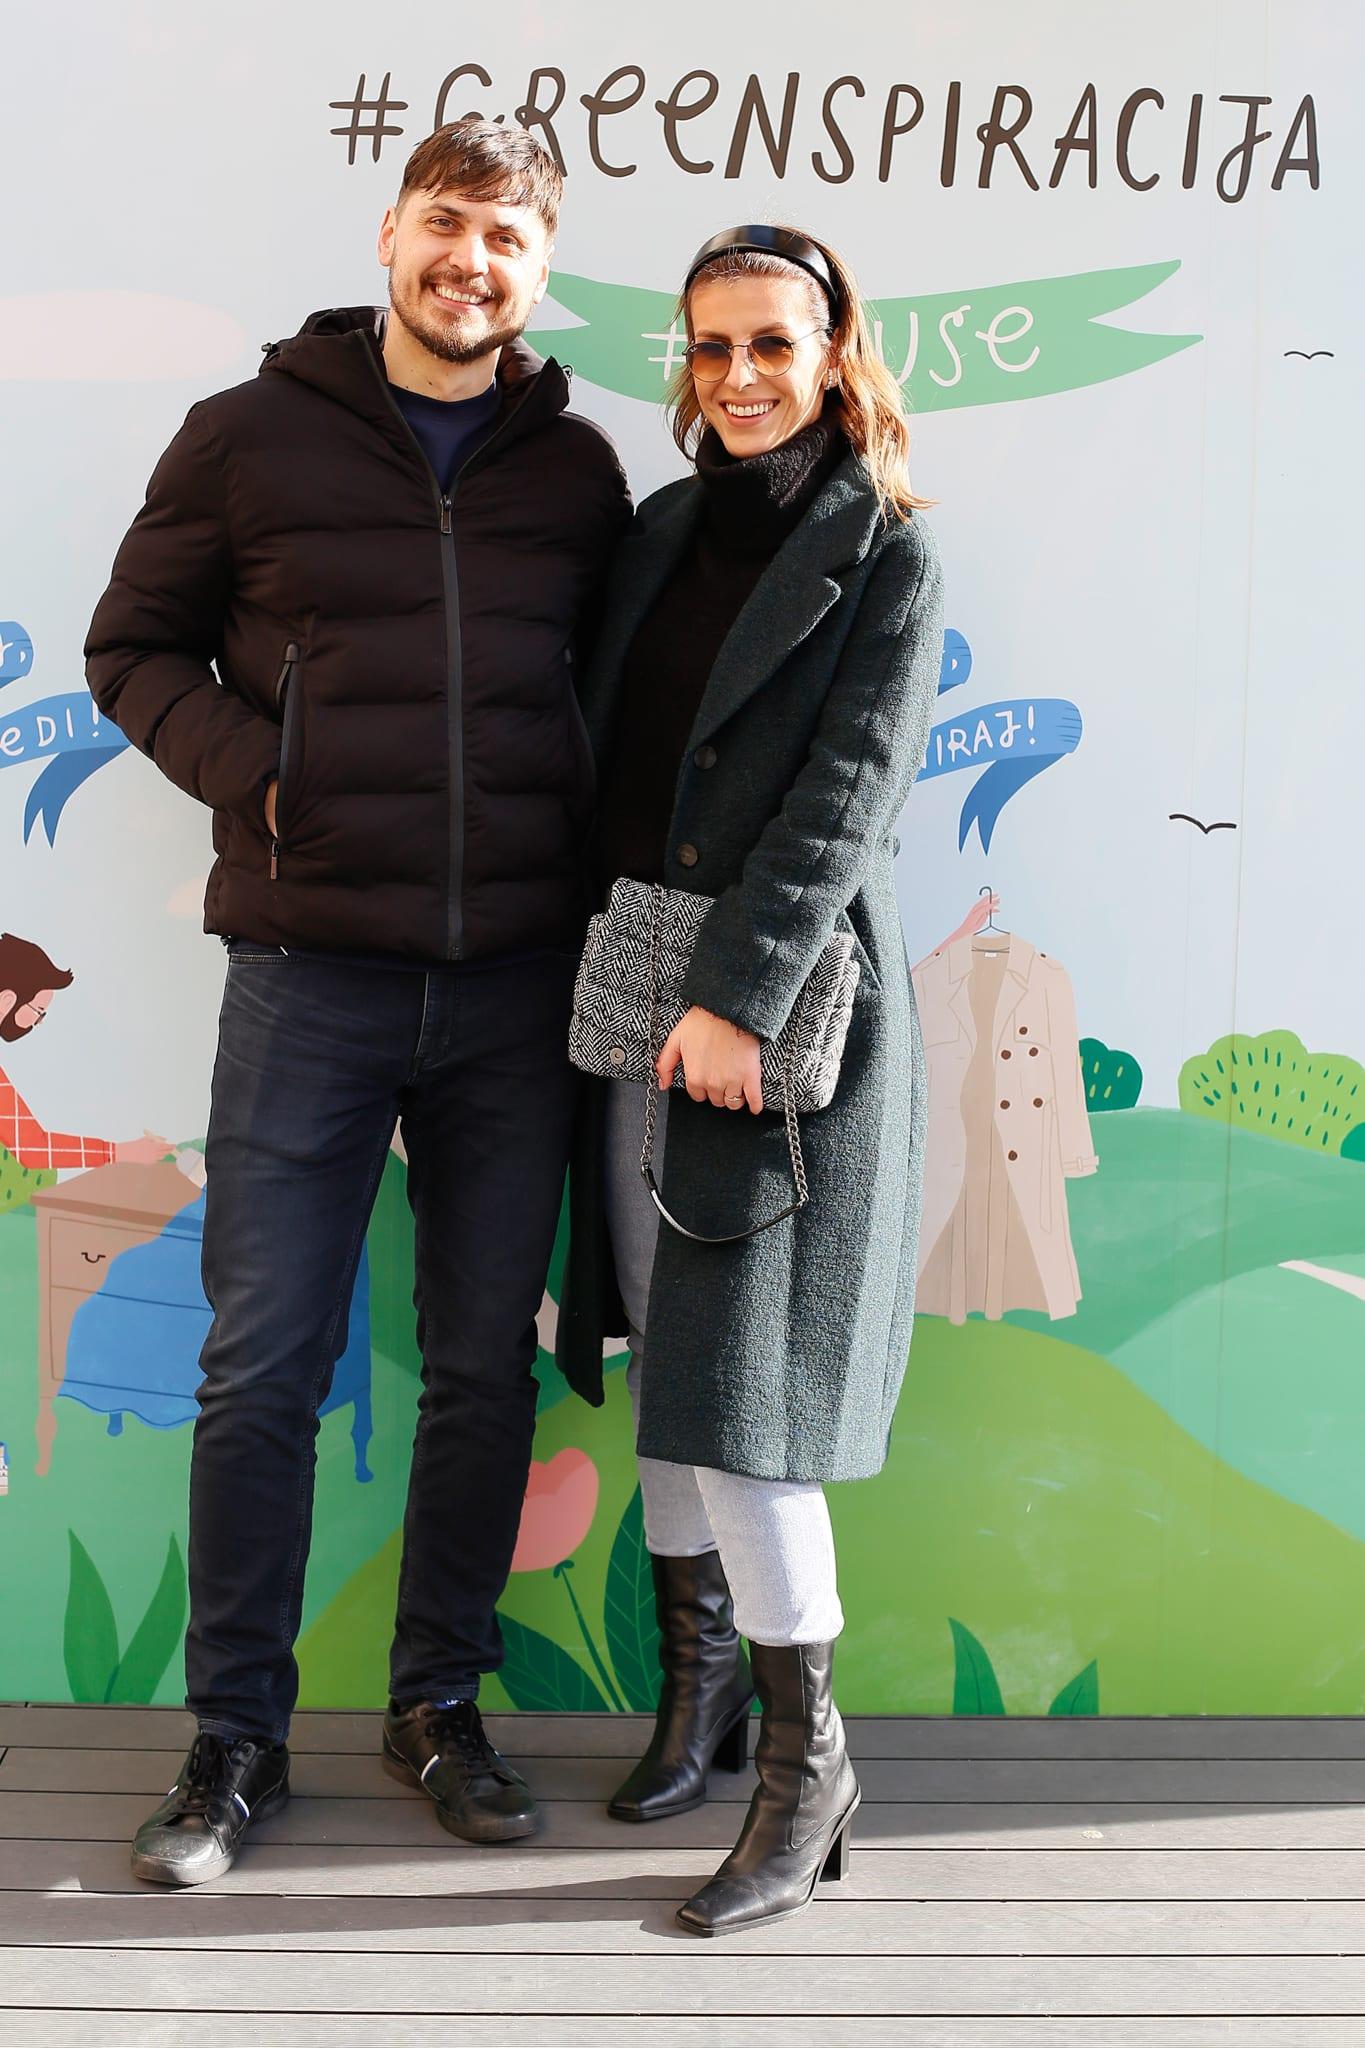 Poduzetnik Dražen Mijoč i beauty blogerica Ivana Blazoti Mijoč